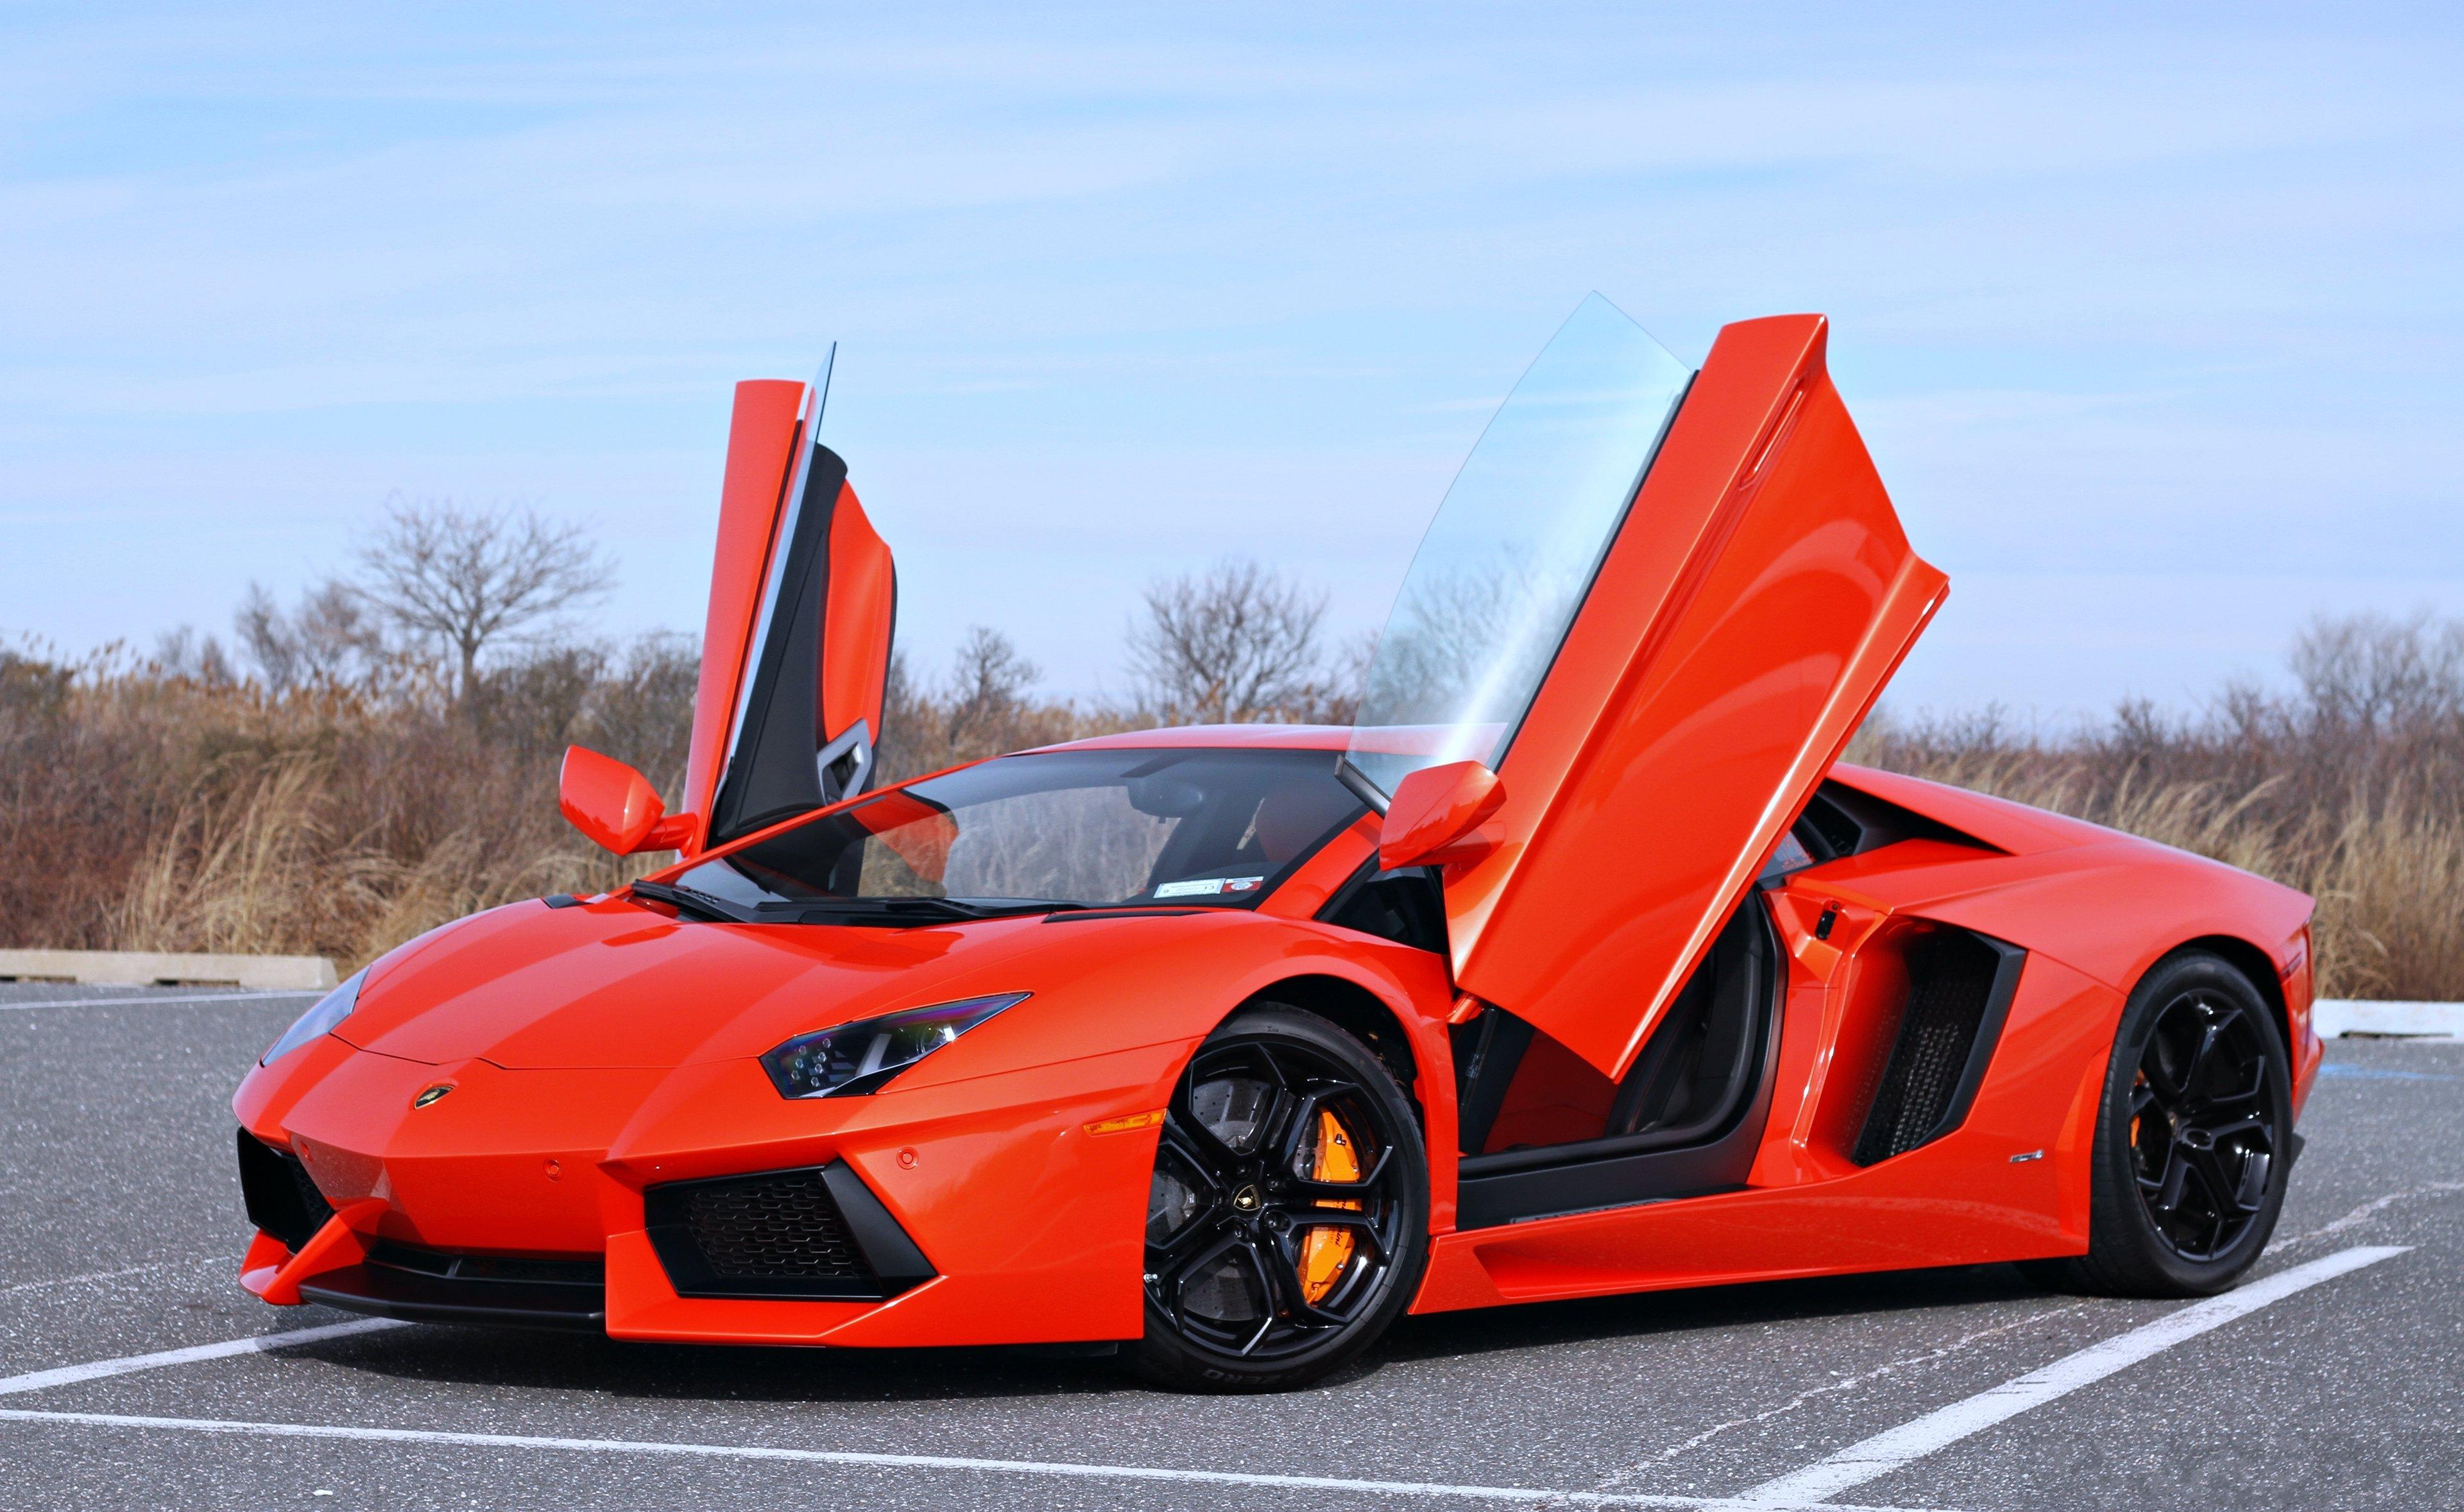 Lamborghini Aventador Lp700 4 Orange Roard Speed Supercar Cars